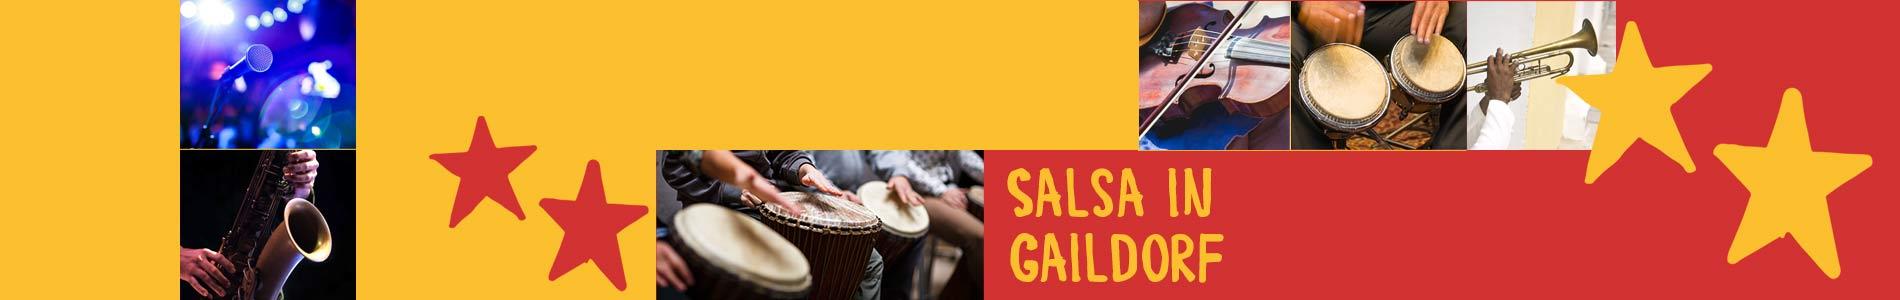 Salsa in Gaildorf – Salsa lernen und tanzen, Tanzkurse, Partys, Veranstaltungen